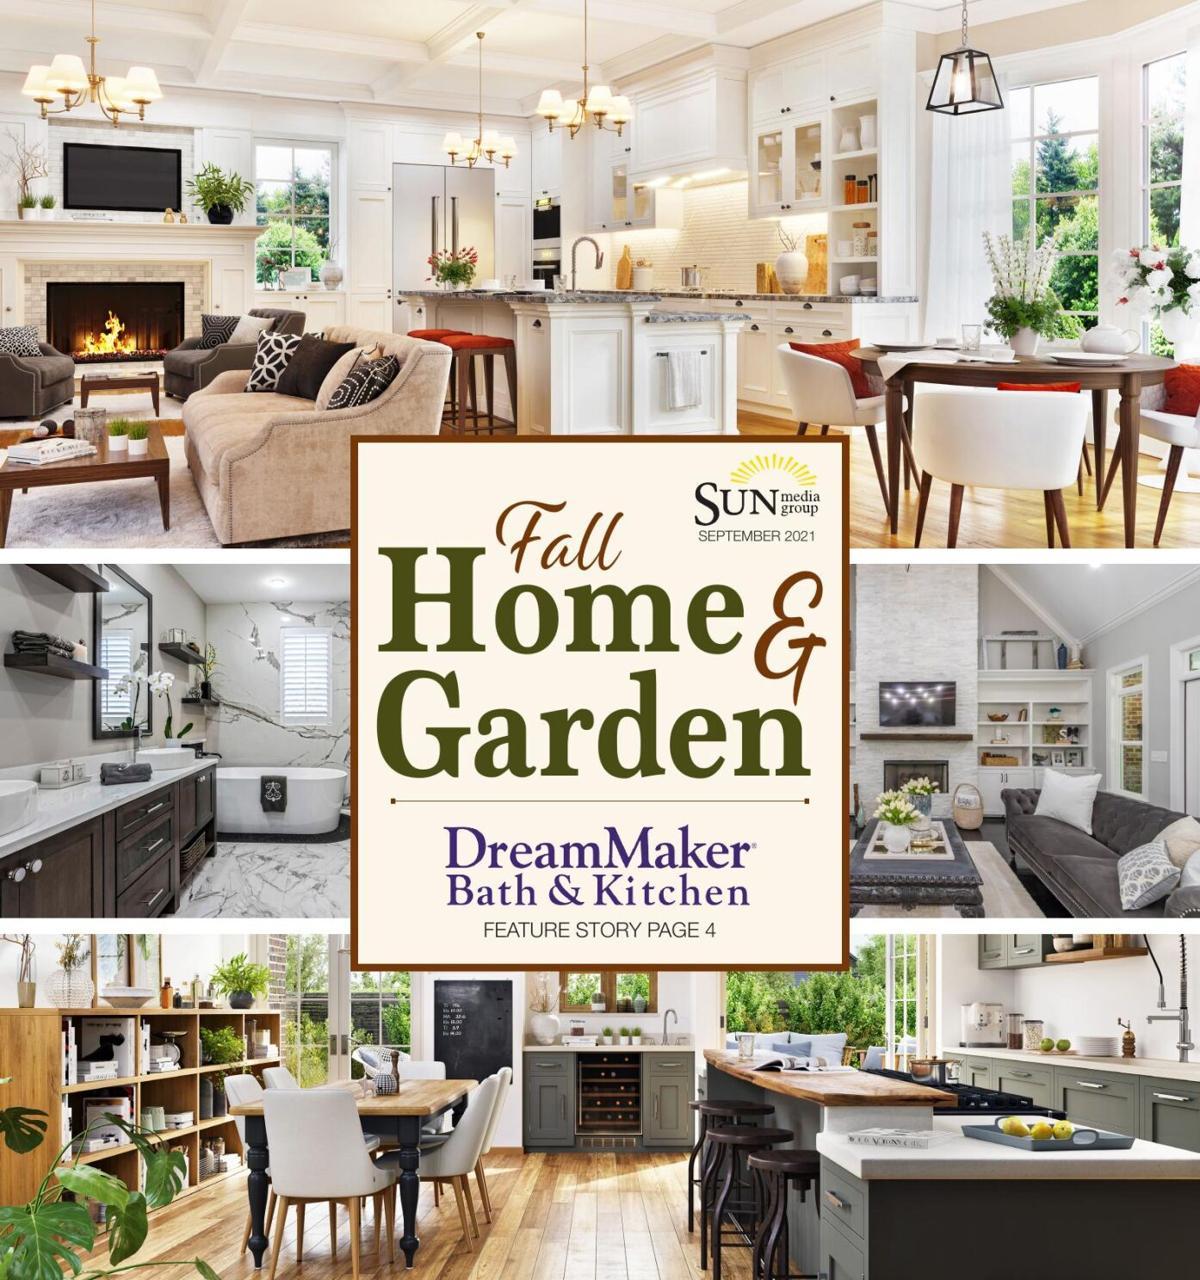 Fall Home & Garden 2021